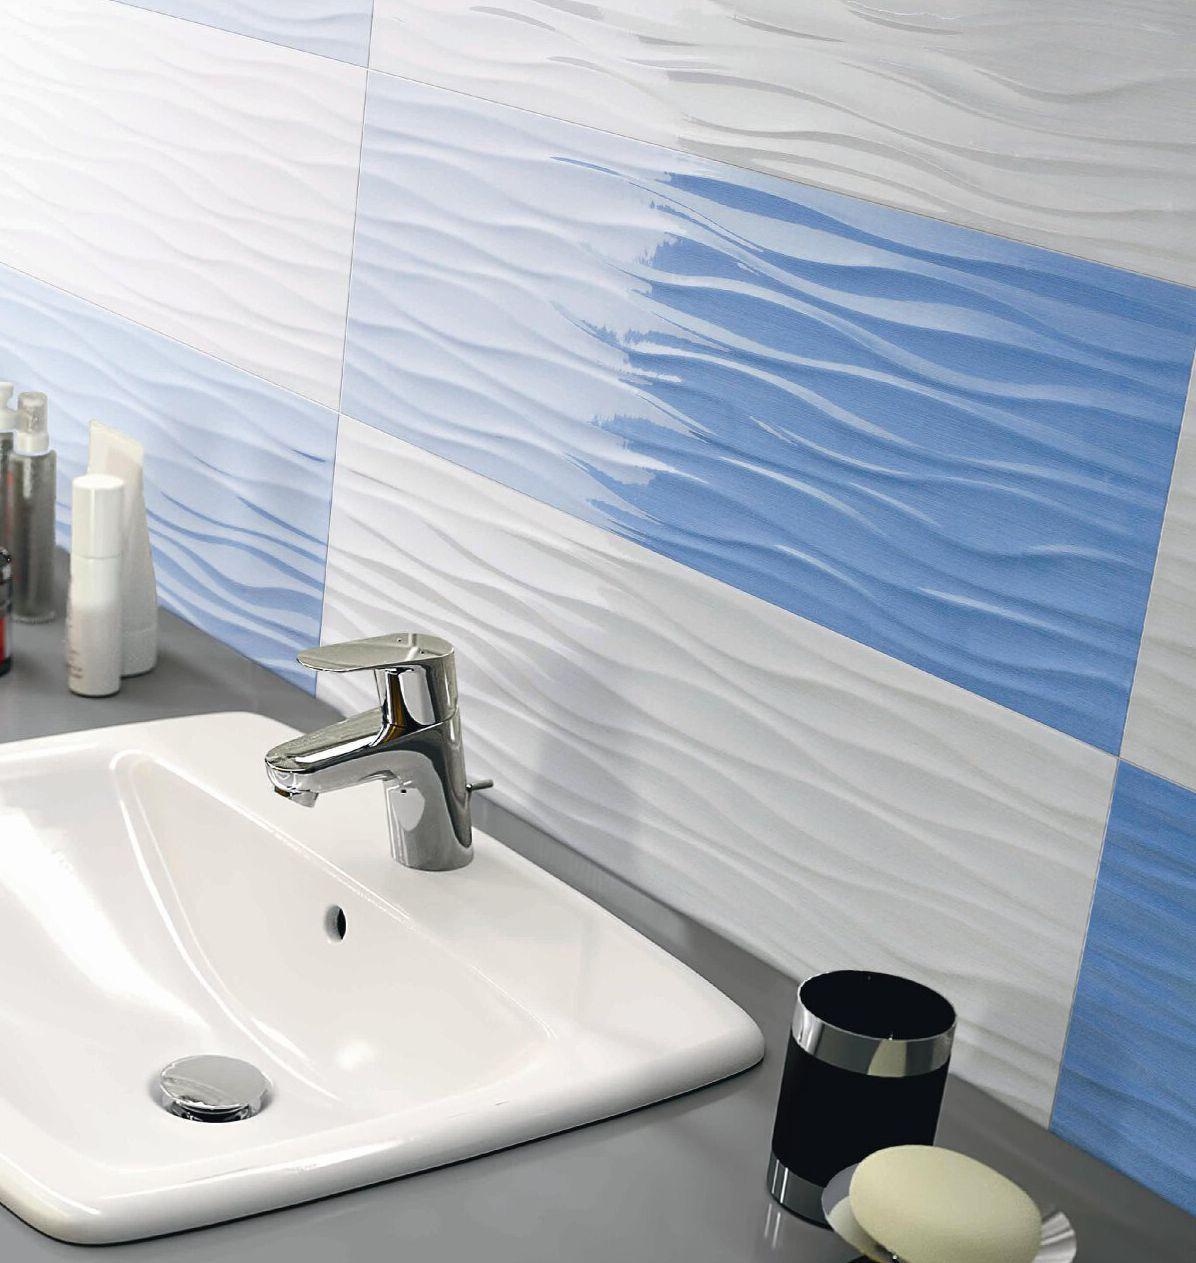 Magasin Salle De Bain Uccle ~ carrelage d int rieur de salle de bain mural en c ramique